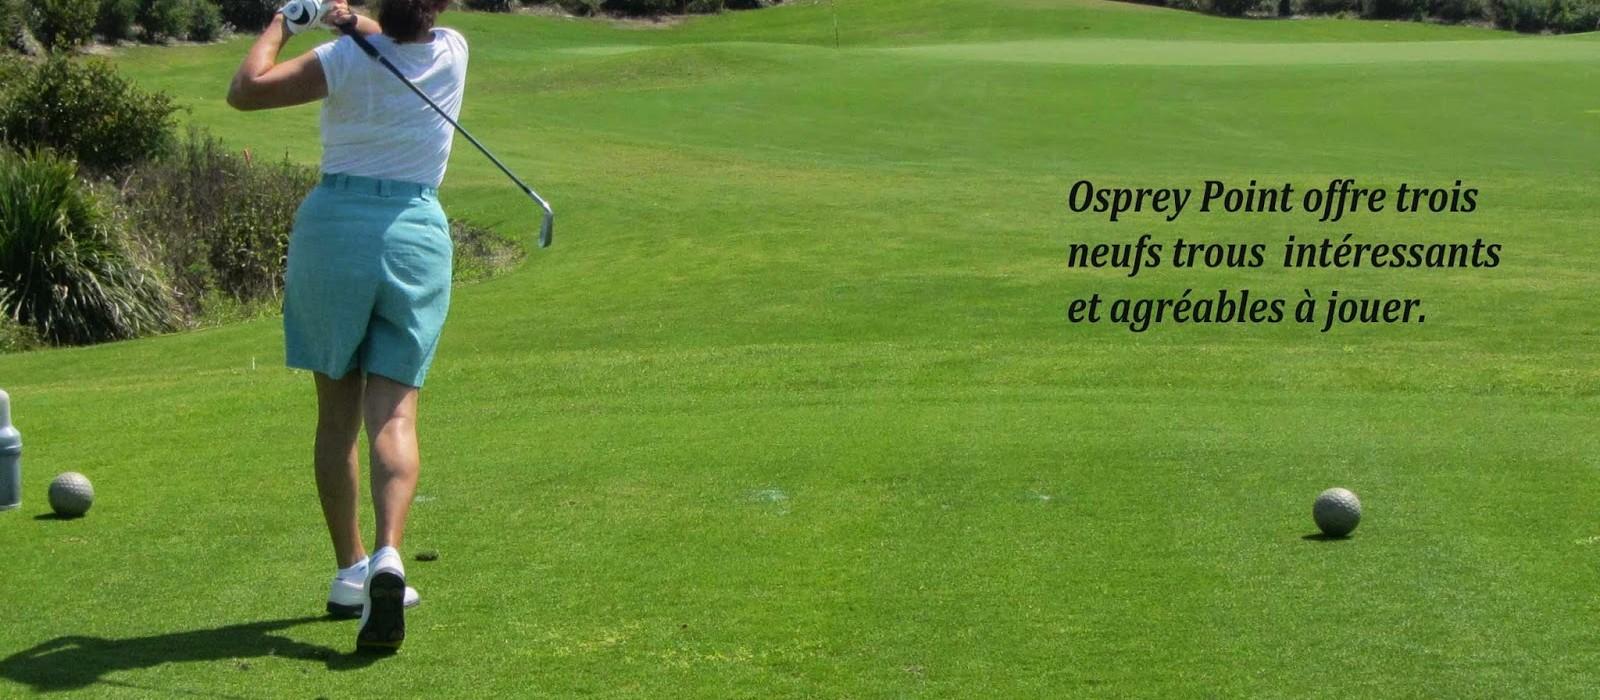 Osprey Point : le terrain qu'il faut jouer